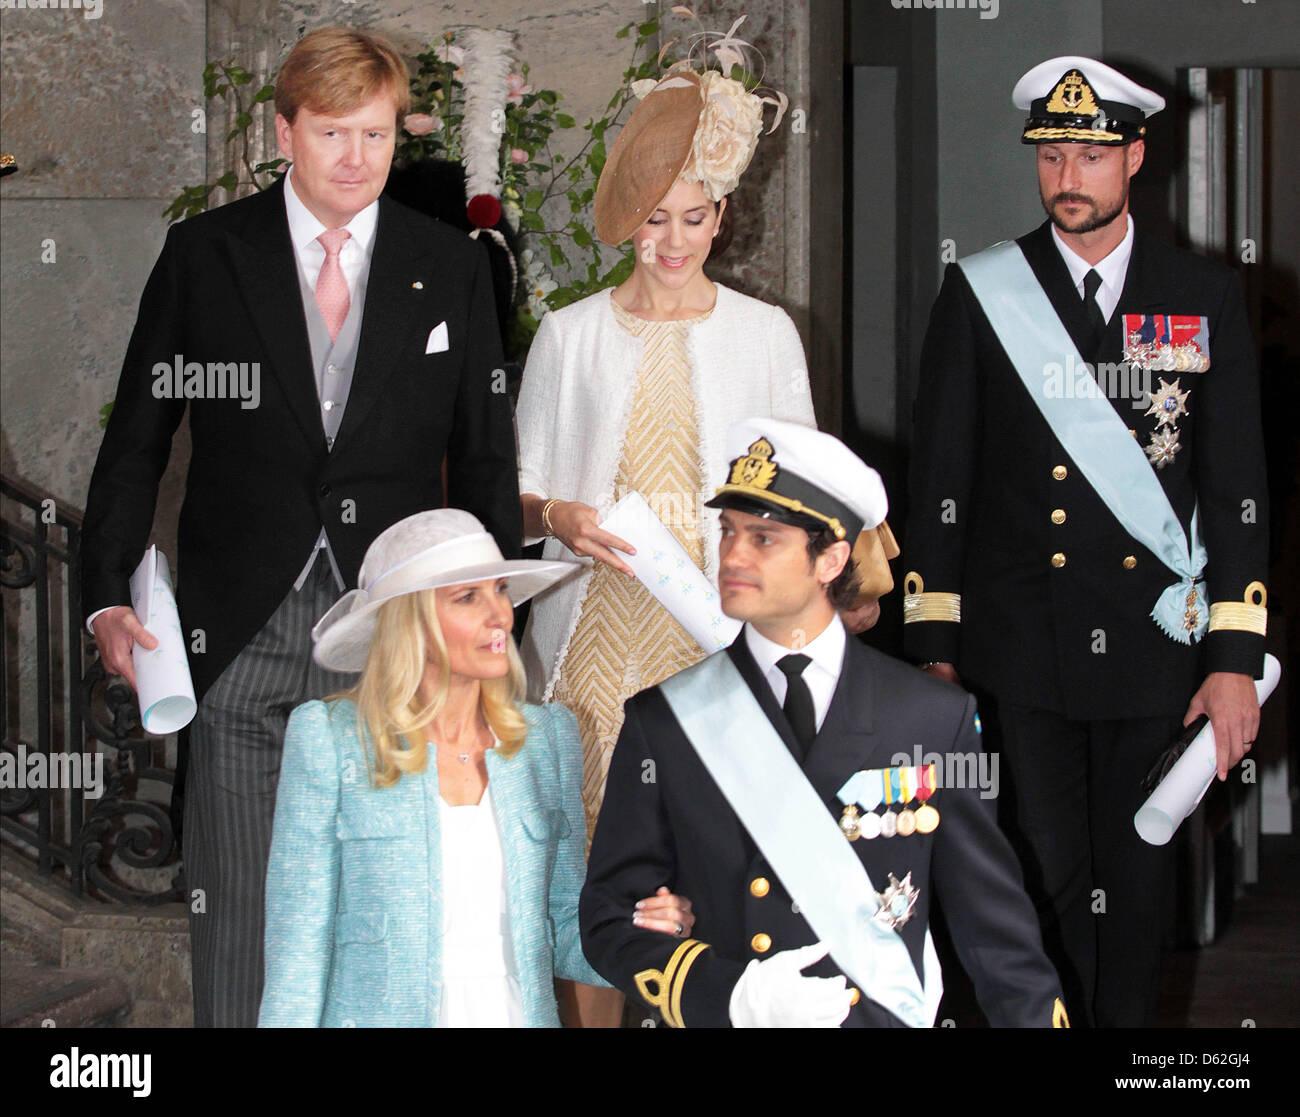 back-l-r-crown-prince-willem-alexander-of-the-netherlands-crown-princess-D62GJ4.jpg